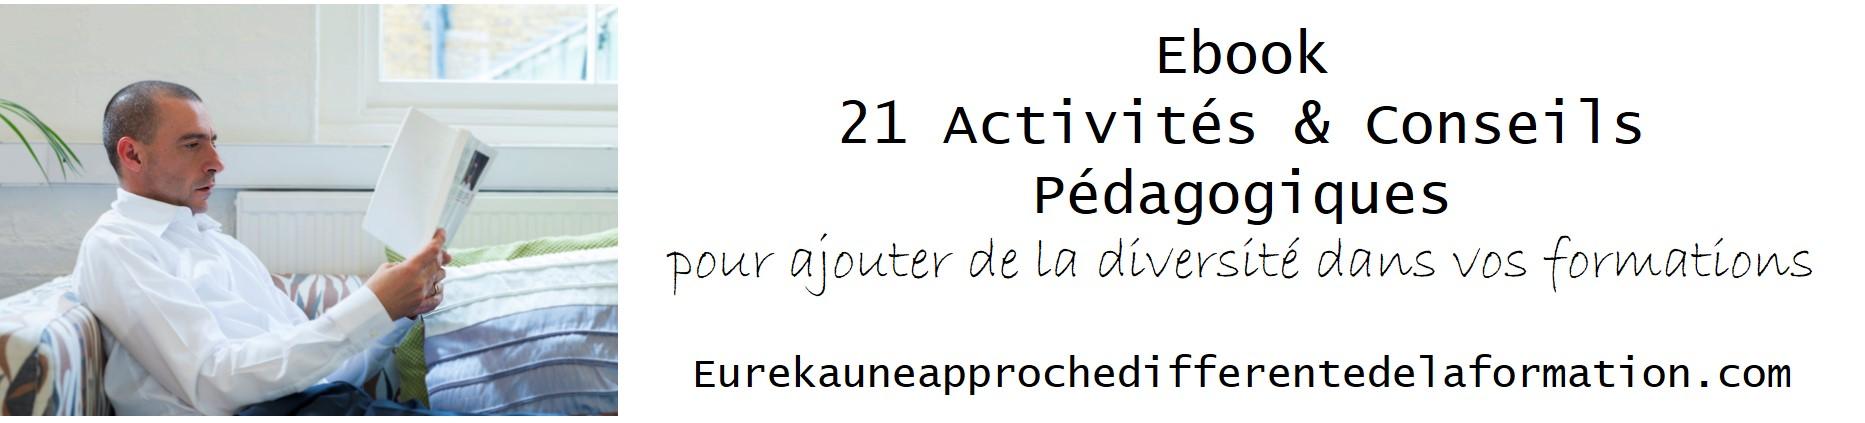 21 activités et conseils pédagogiques